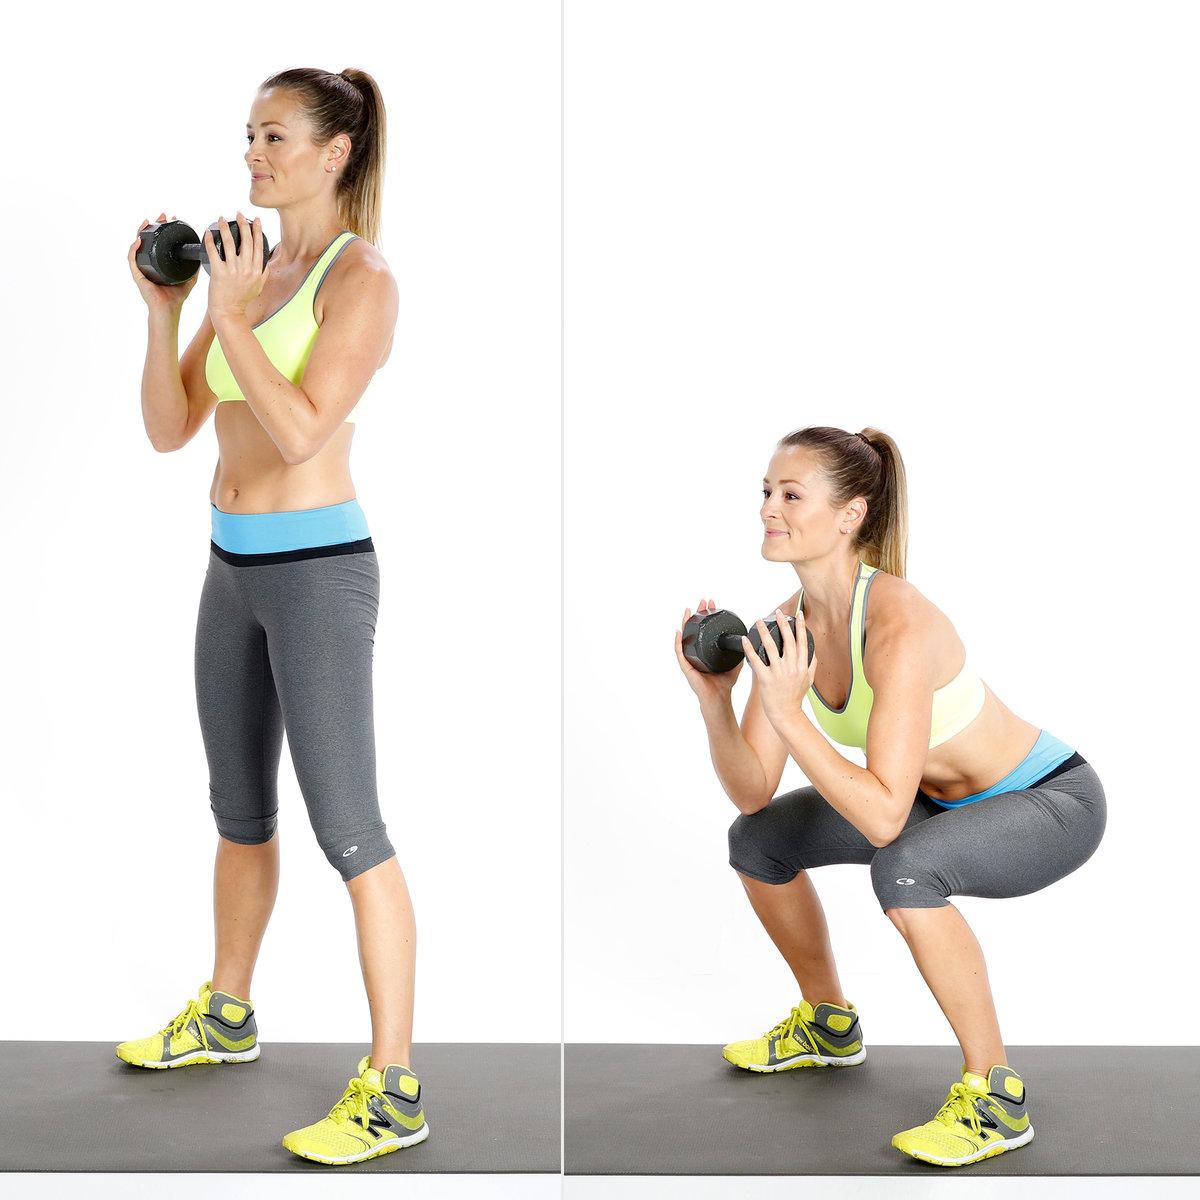 Как накачать ноги в домашних условиях - упражнения для мужчин и женщин с видео